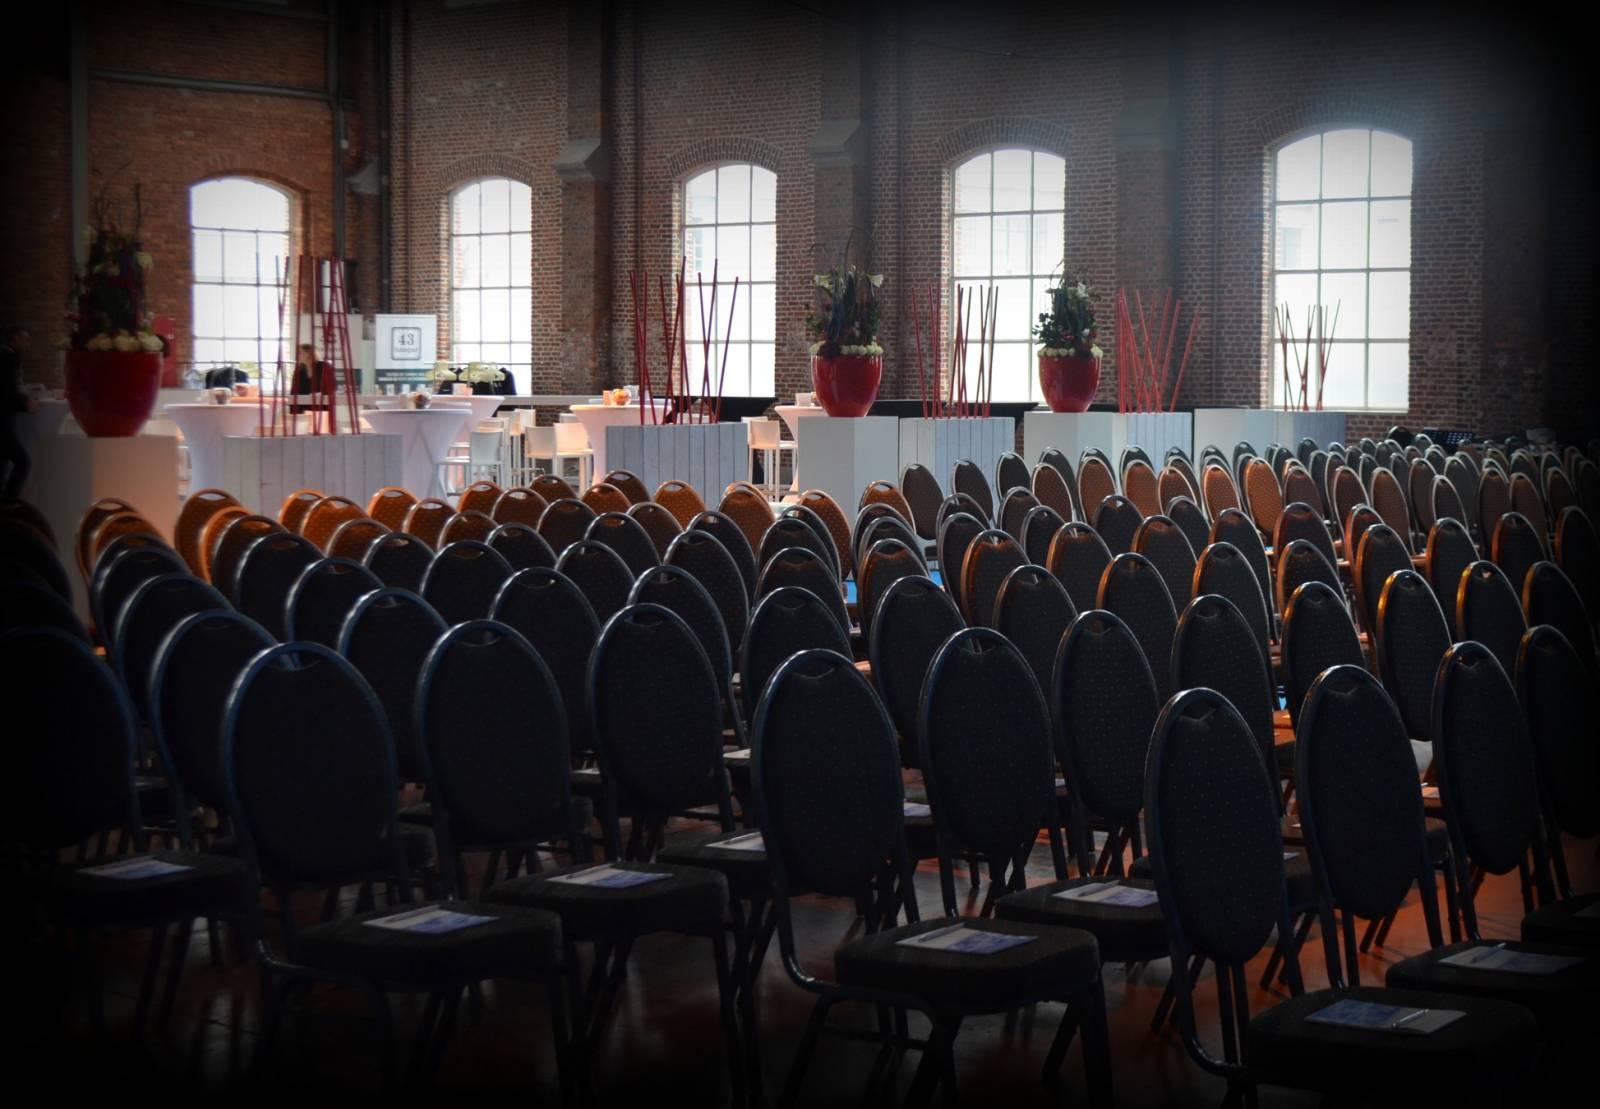 Hangar 43 - Feestzaal - Feestlocatie - Industrieel - Dendermonde (Antwerpen) - House of Events - 17